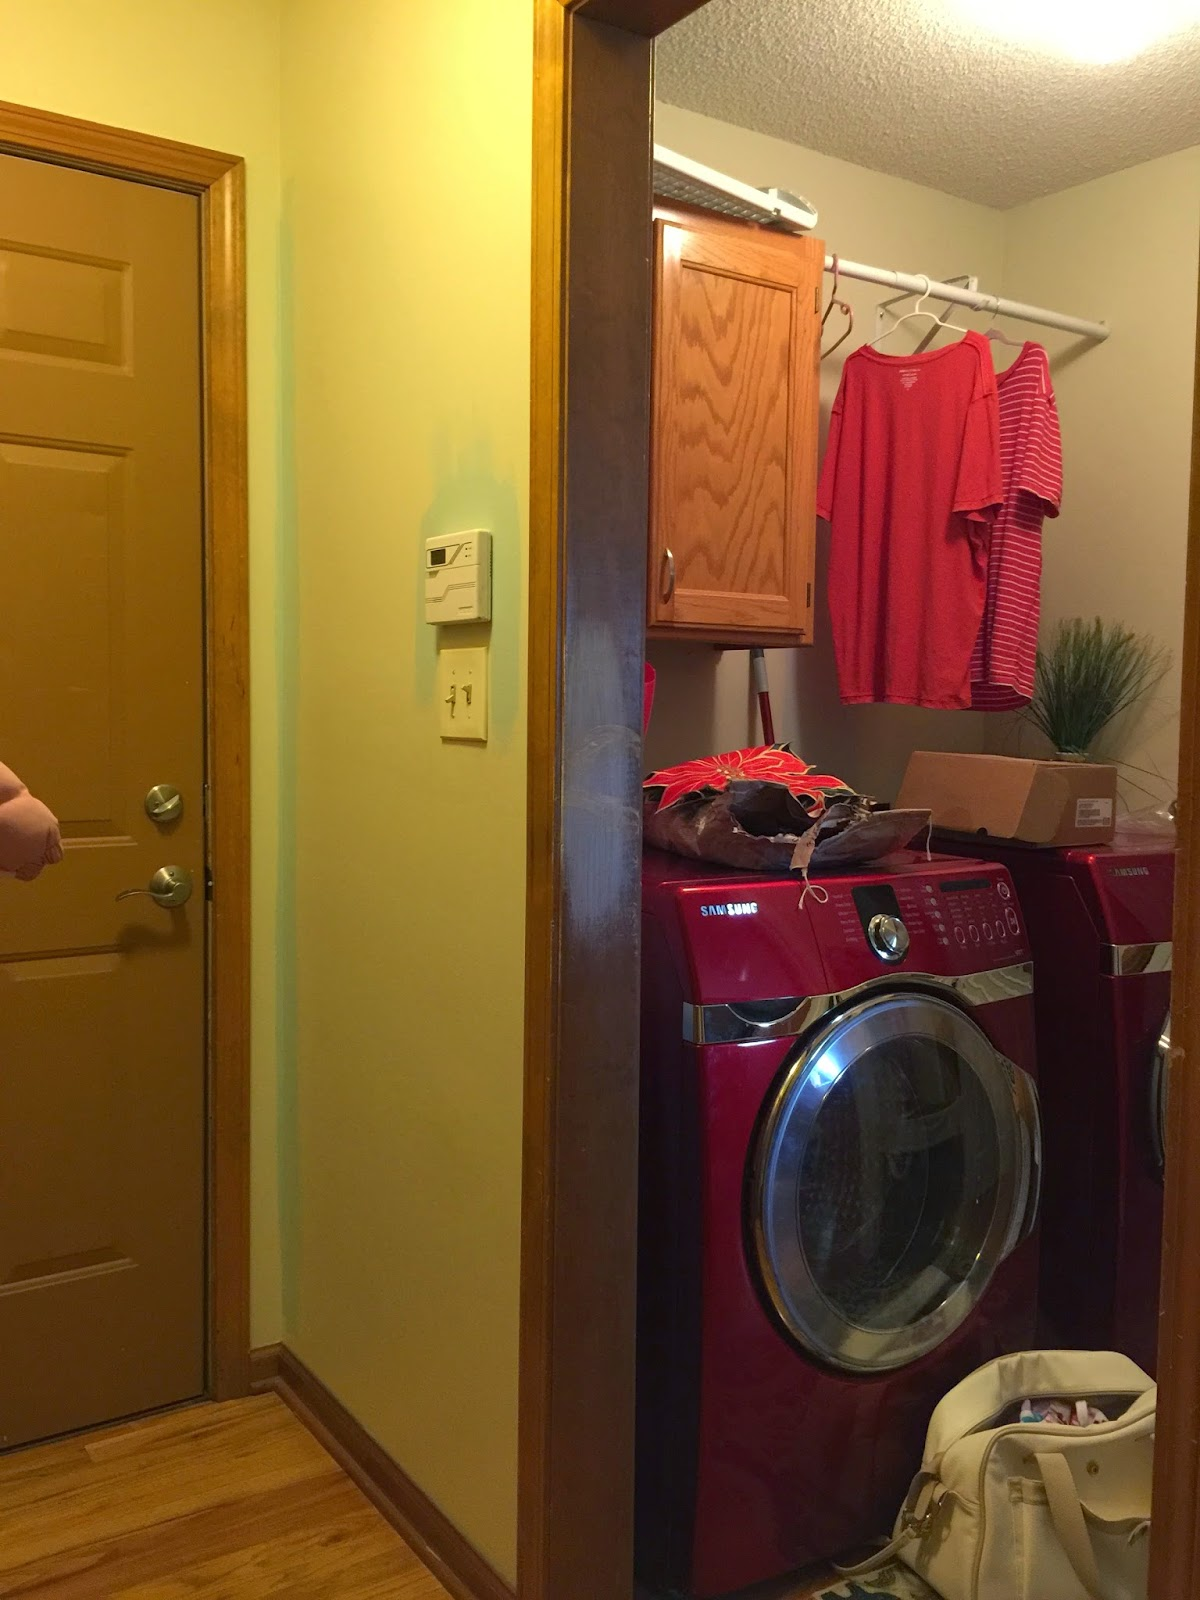 Freshening Up The Laundry Room